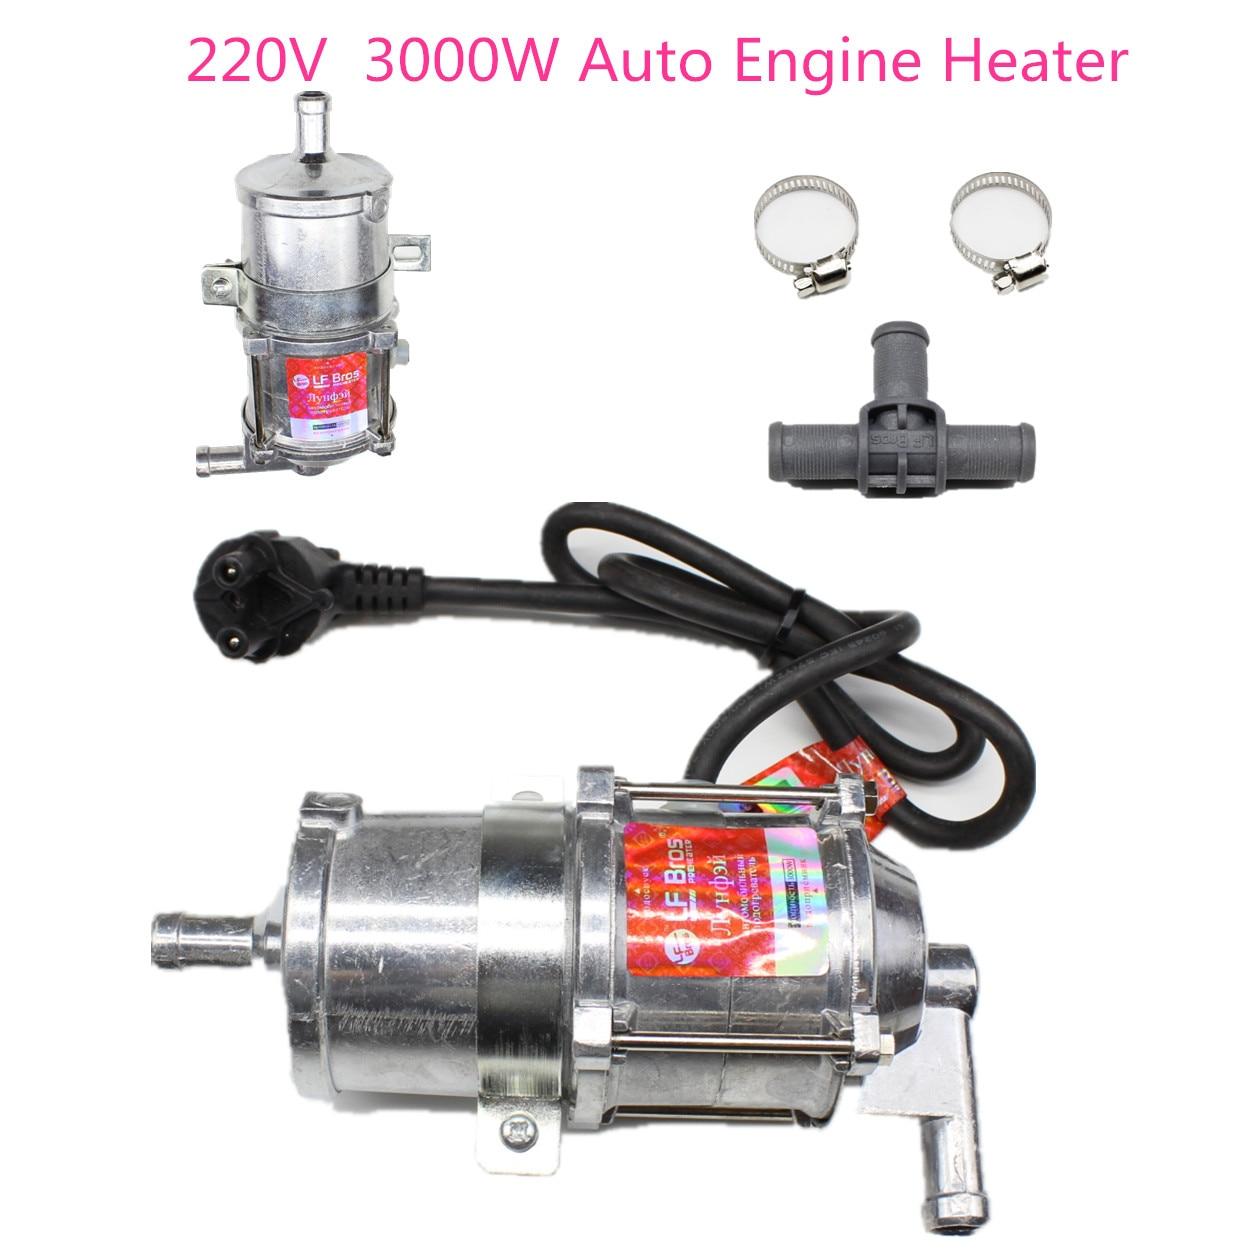 220V 3000W voiture moteur liquide de refroidissement chauffage préchauffeur pas Webasto Eberspacher moteur chauffage préchauffage Air Parking chauffage